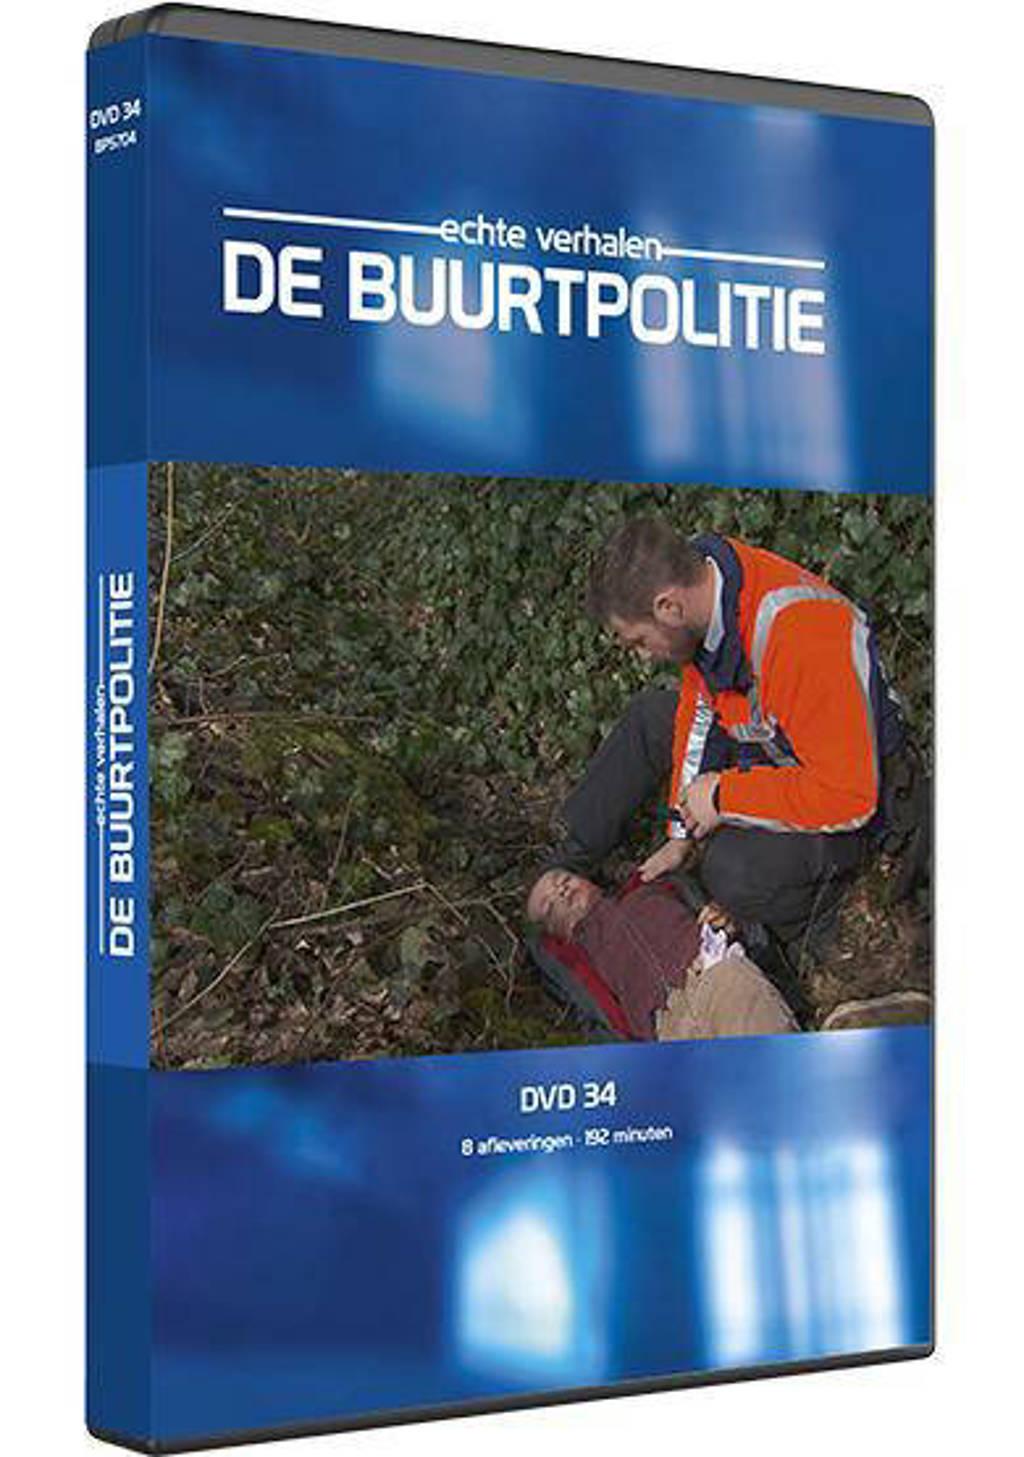 De buurtpolitie - Seizoen 7 deel 4 (DVD)